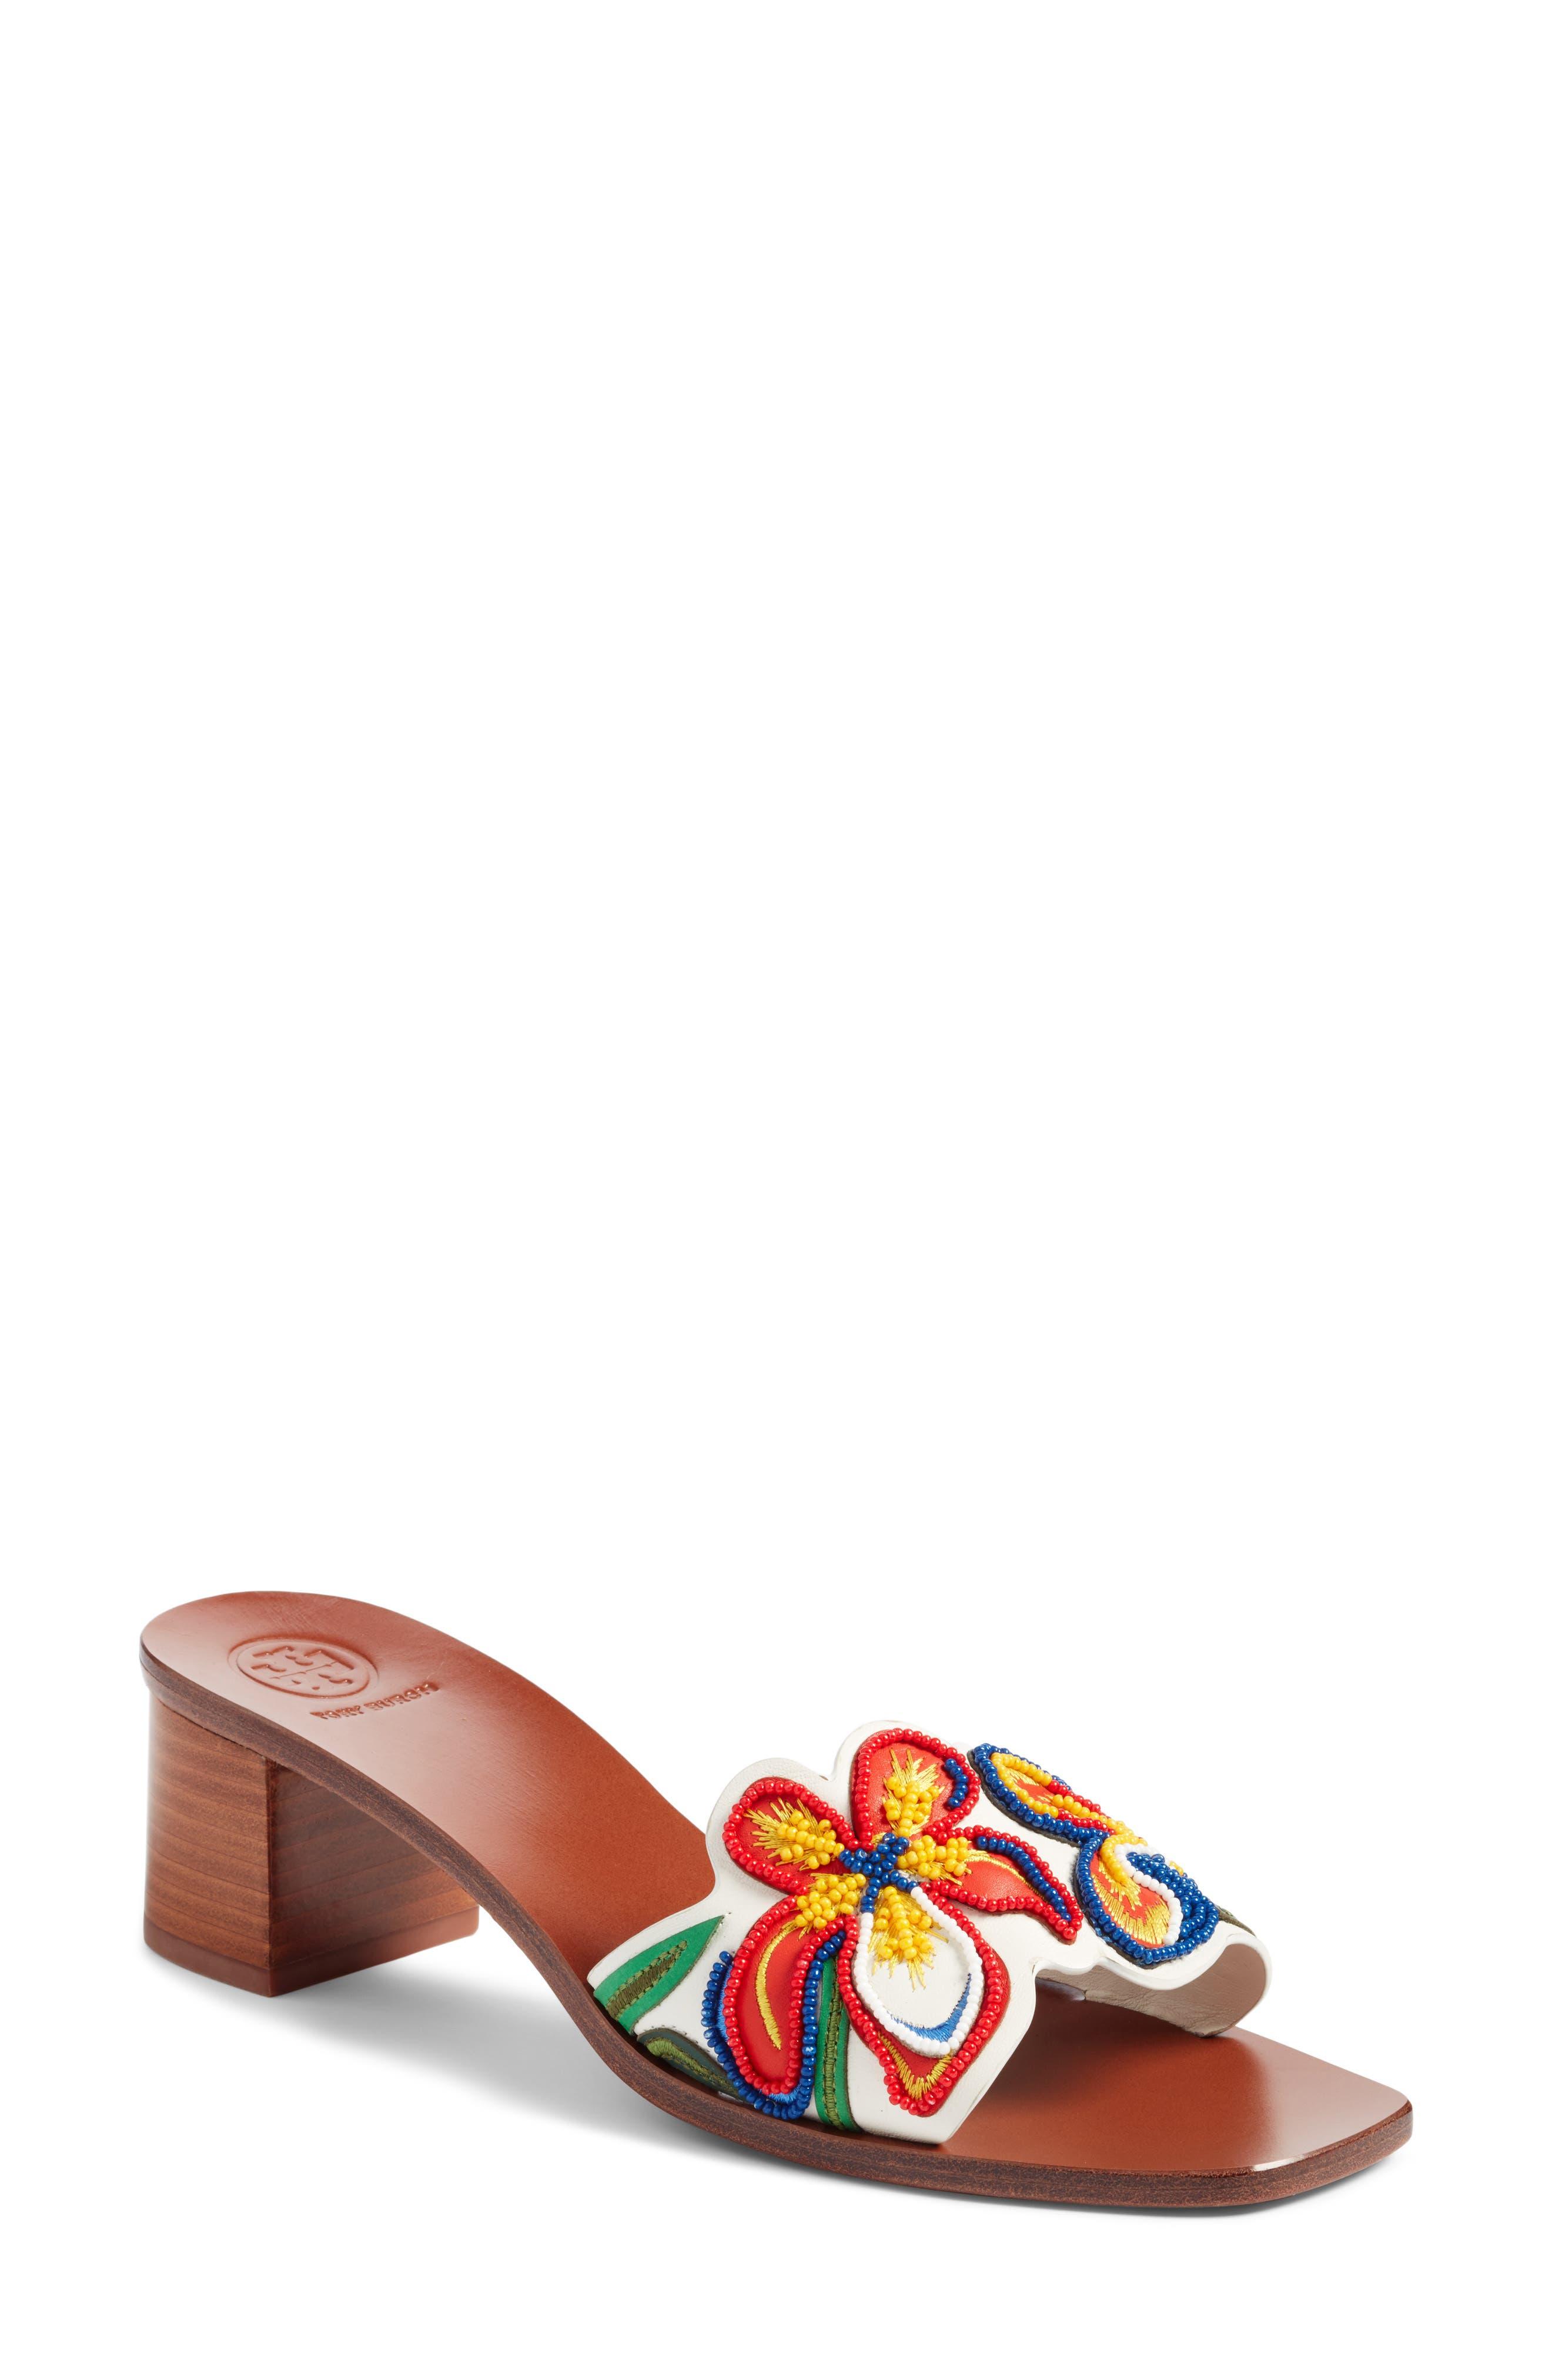 Bianca Floral Embellished Slide Sandal,                         Main,                         color, 900